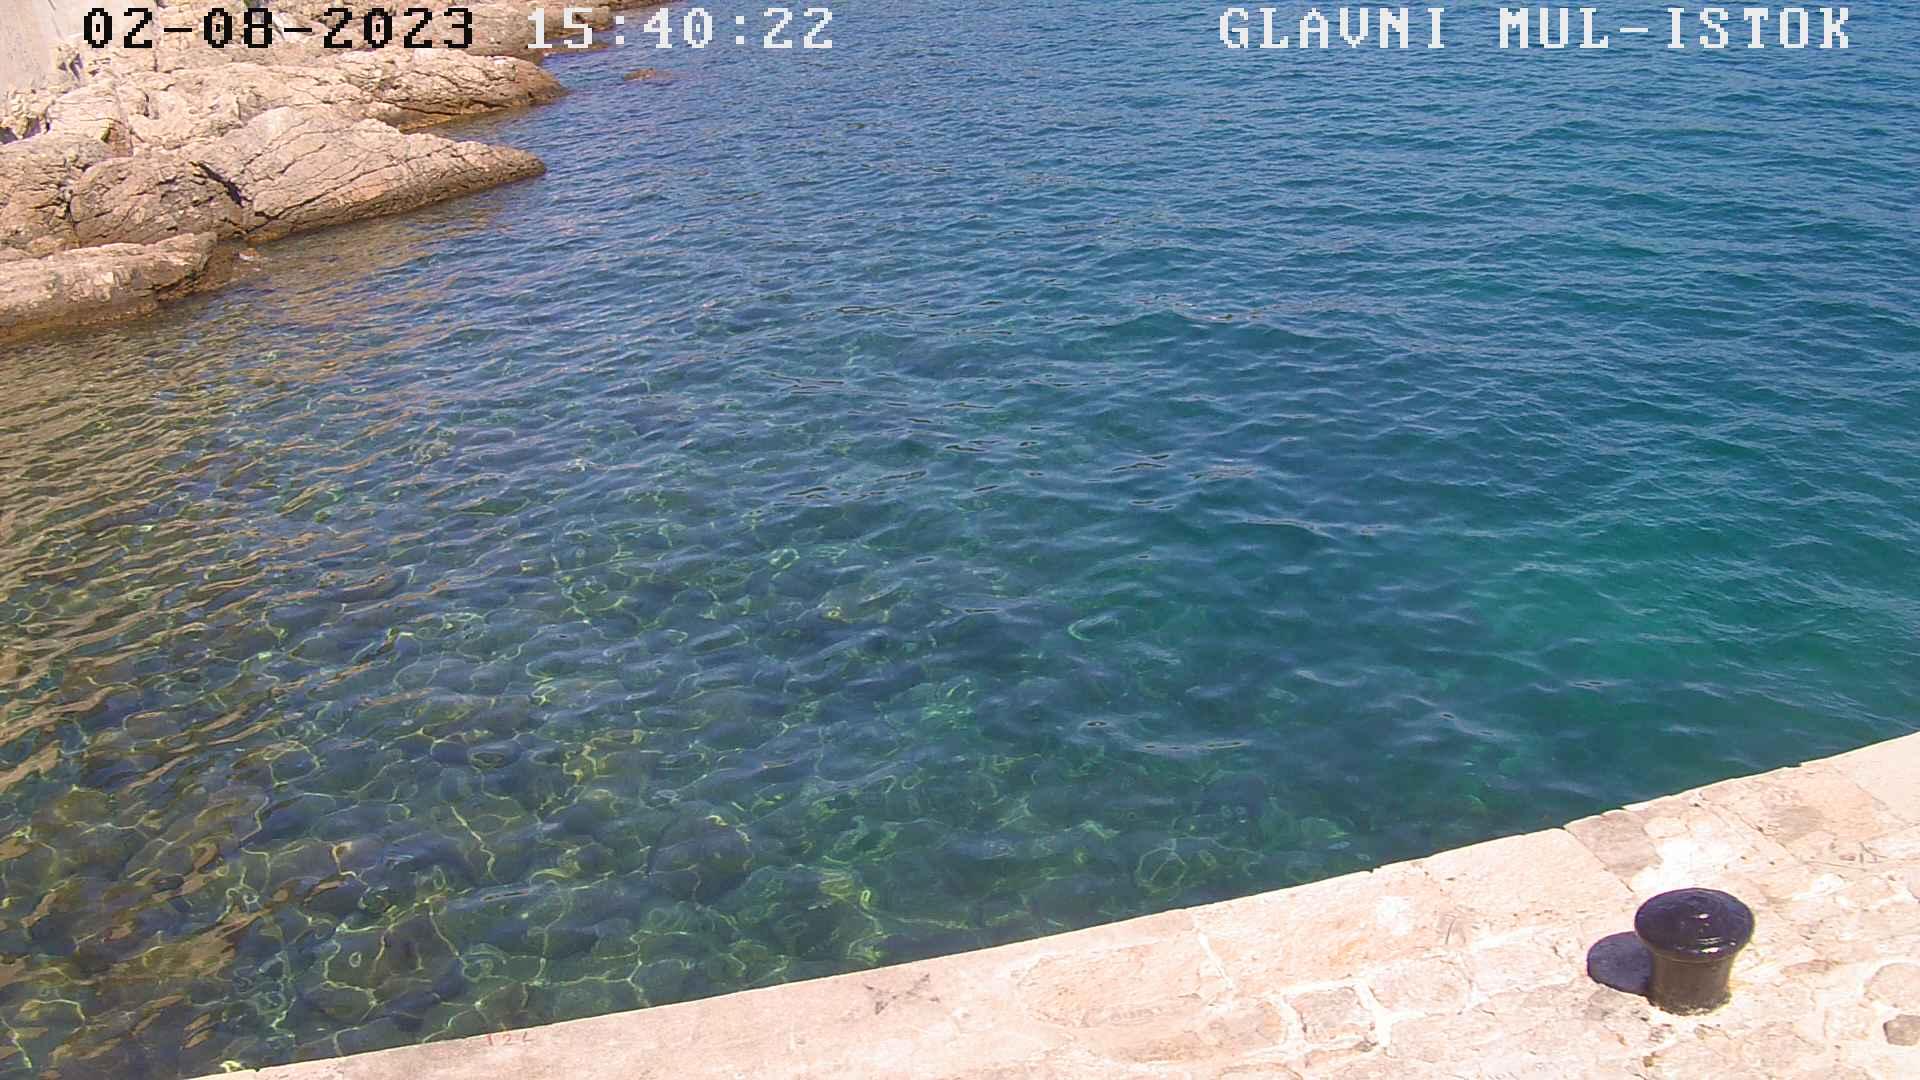 Miasto Krk Webcam